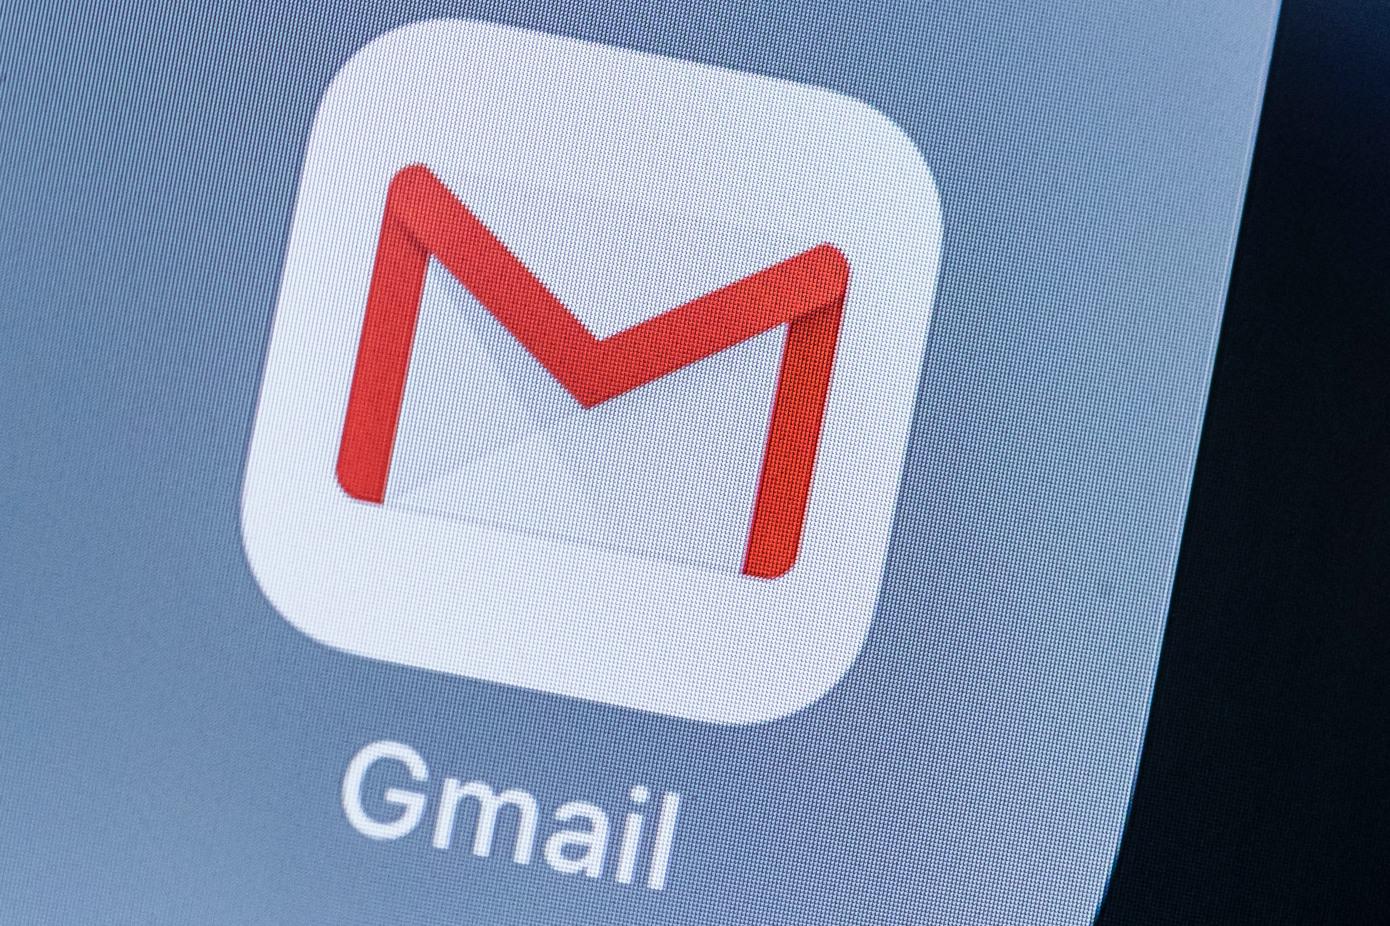 La nueva función de Gmail facilita la personalización de la bandeja de entrada